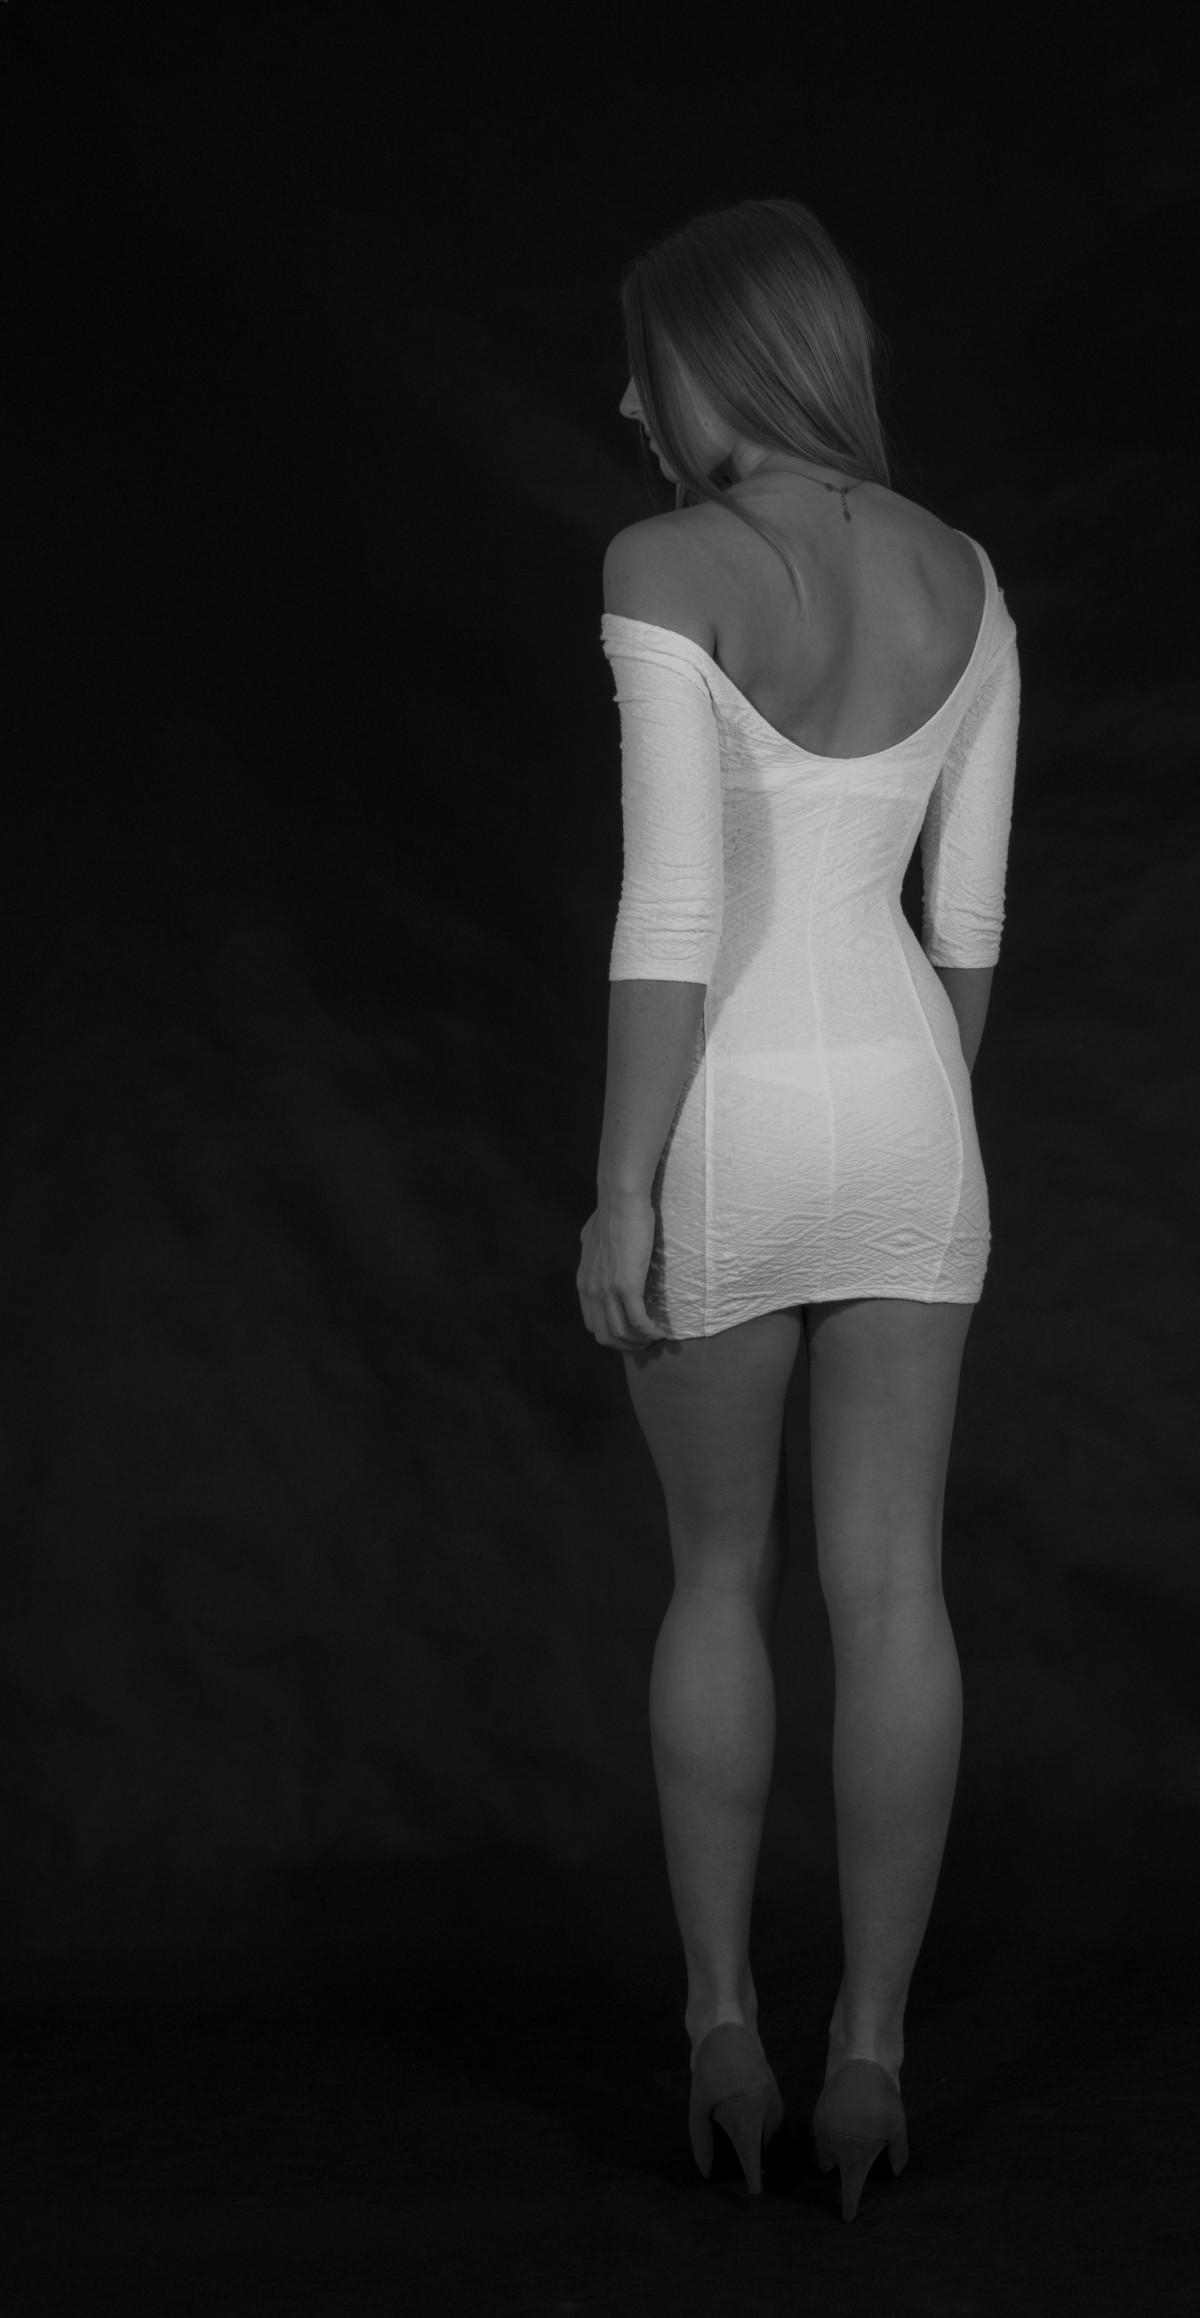 Brezplačne slike Črno-belo, dekle, cvetni list, portret-6987